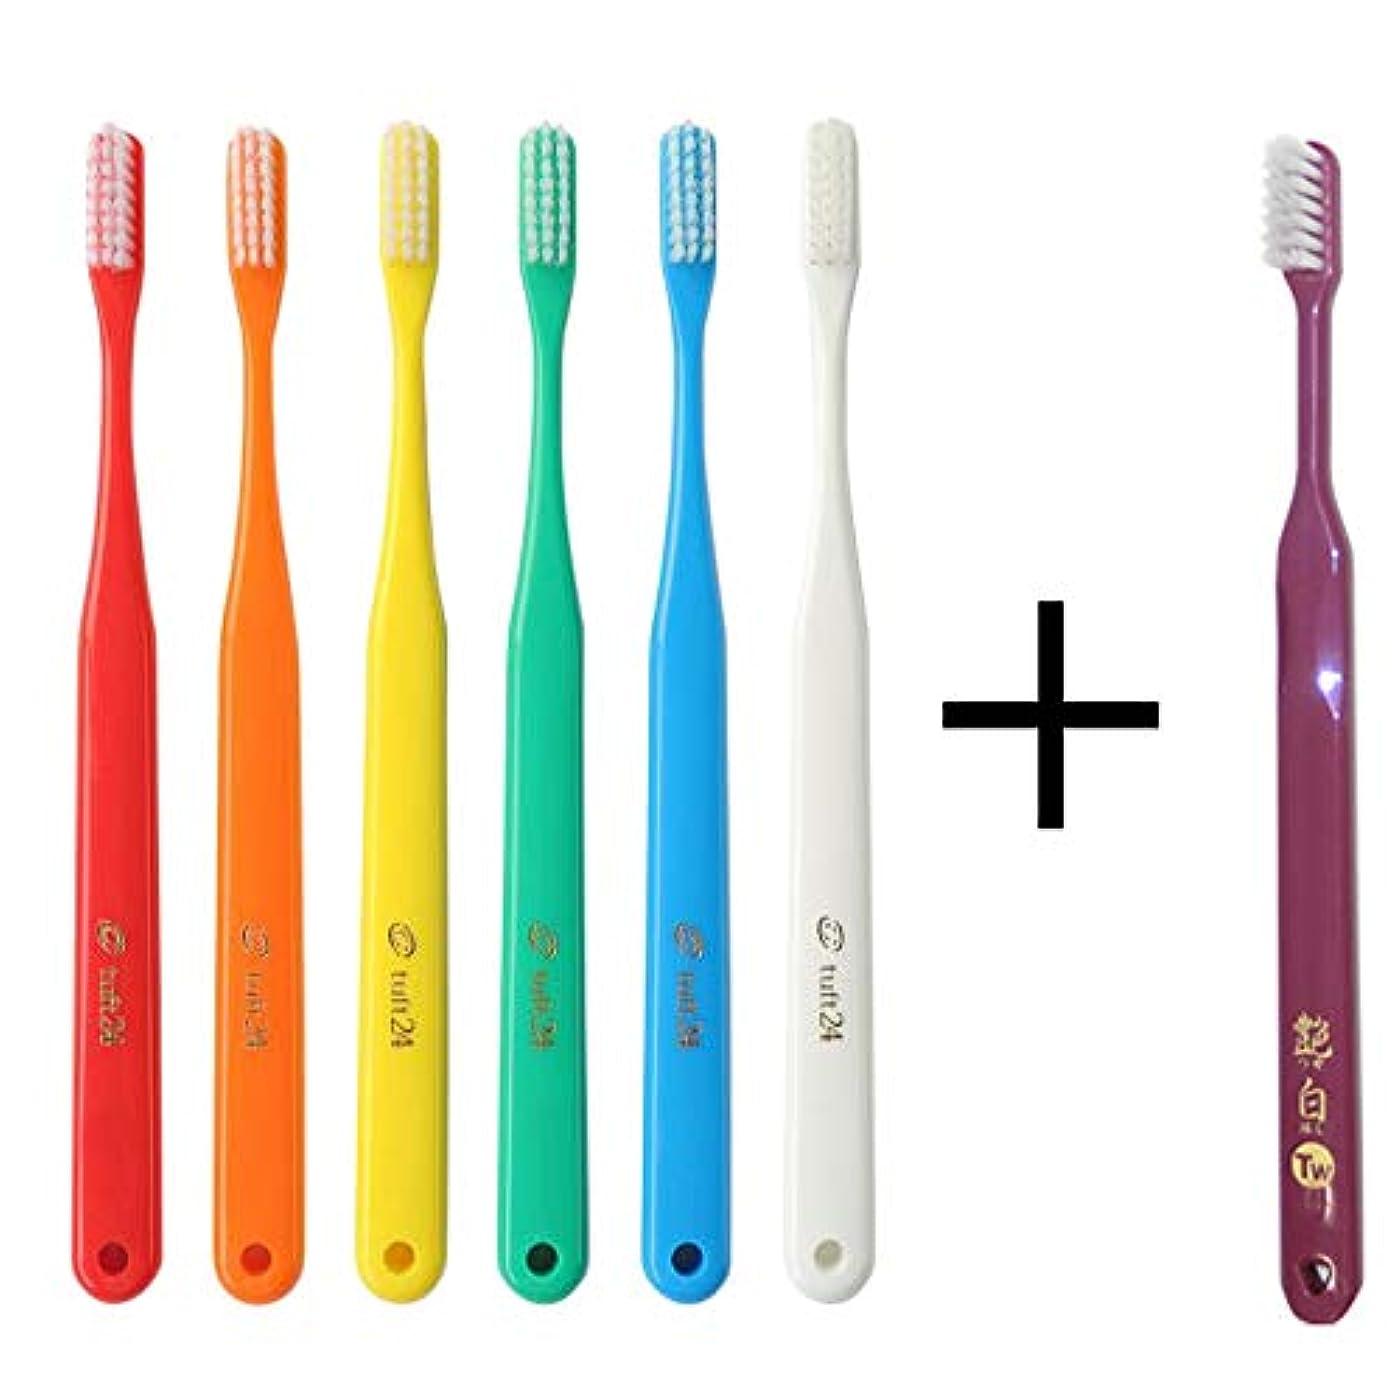 受け皿公爵バンジージャンプキャップなし タフト24 歯ブラシ × 25本入 M (アソート) + 艶白 ハブラシ (日本製) ×1本 MS(やややわらかめ) 大人用歯ブラシ 歯科医院取扱品